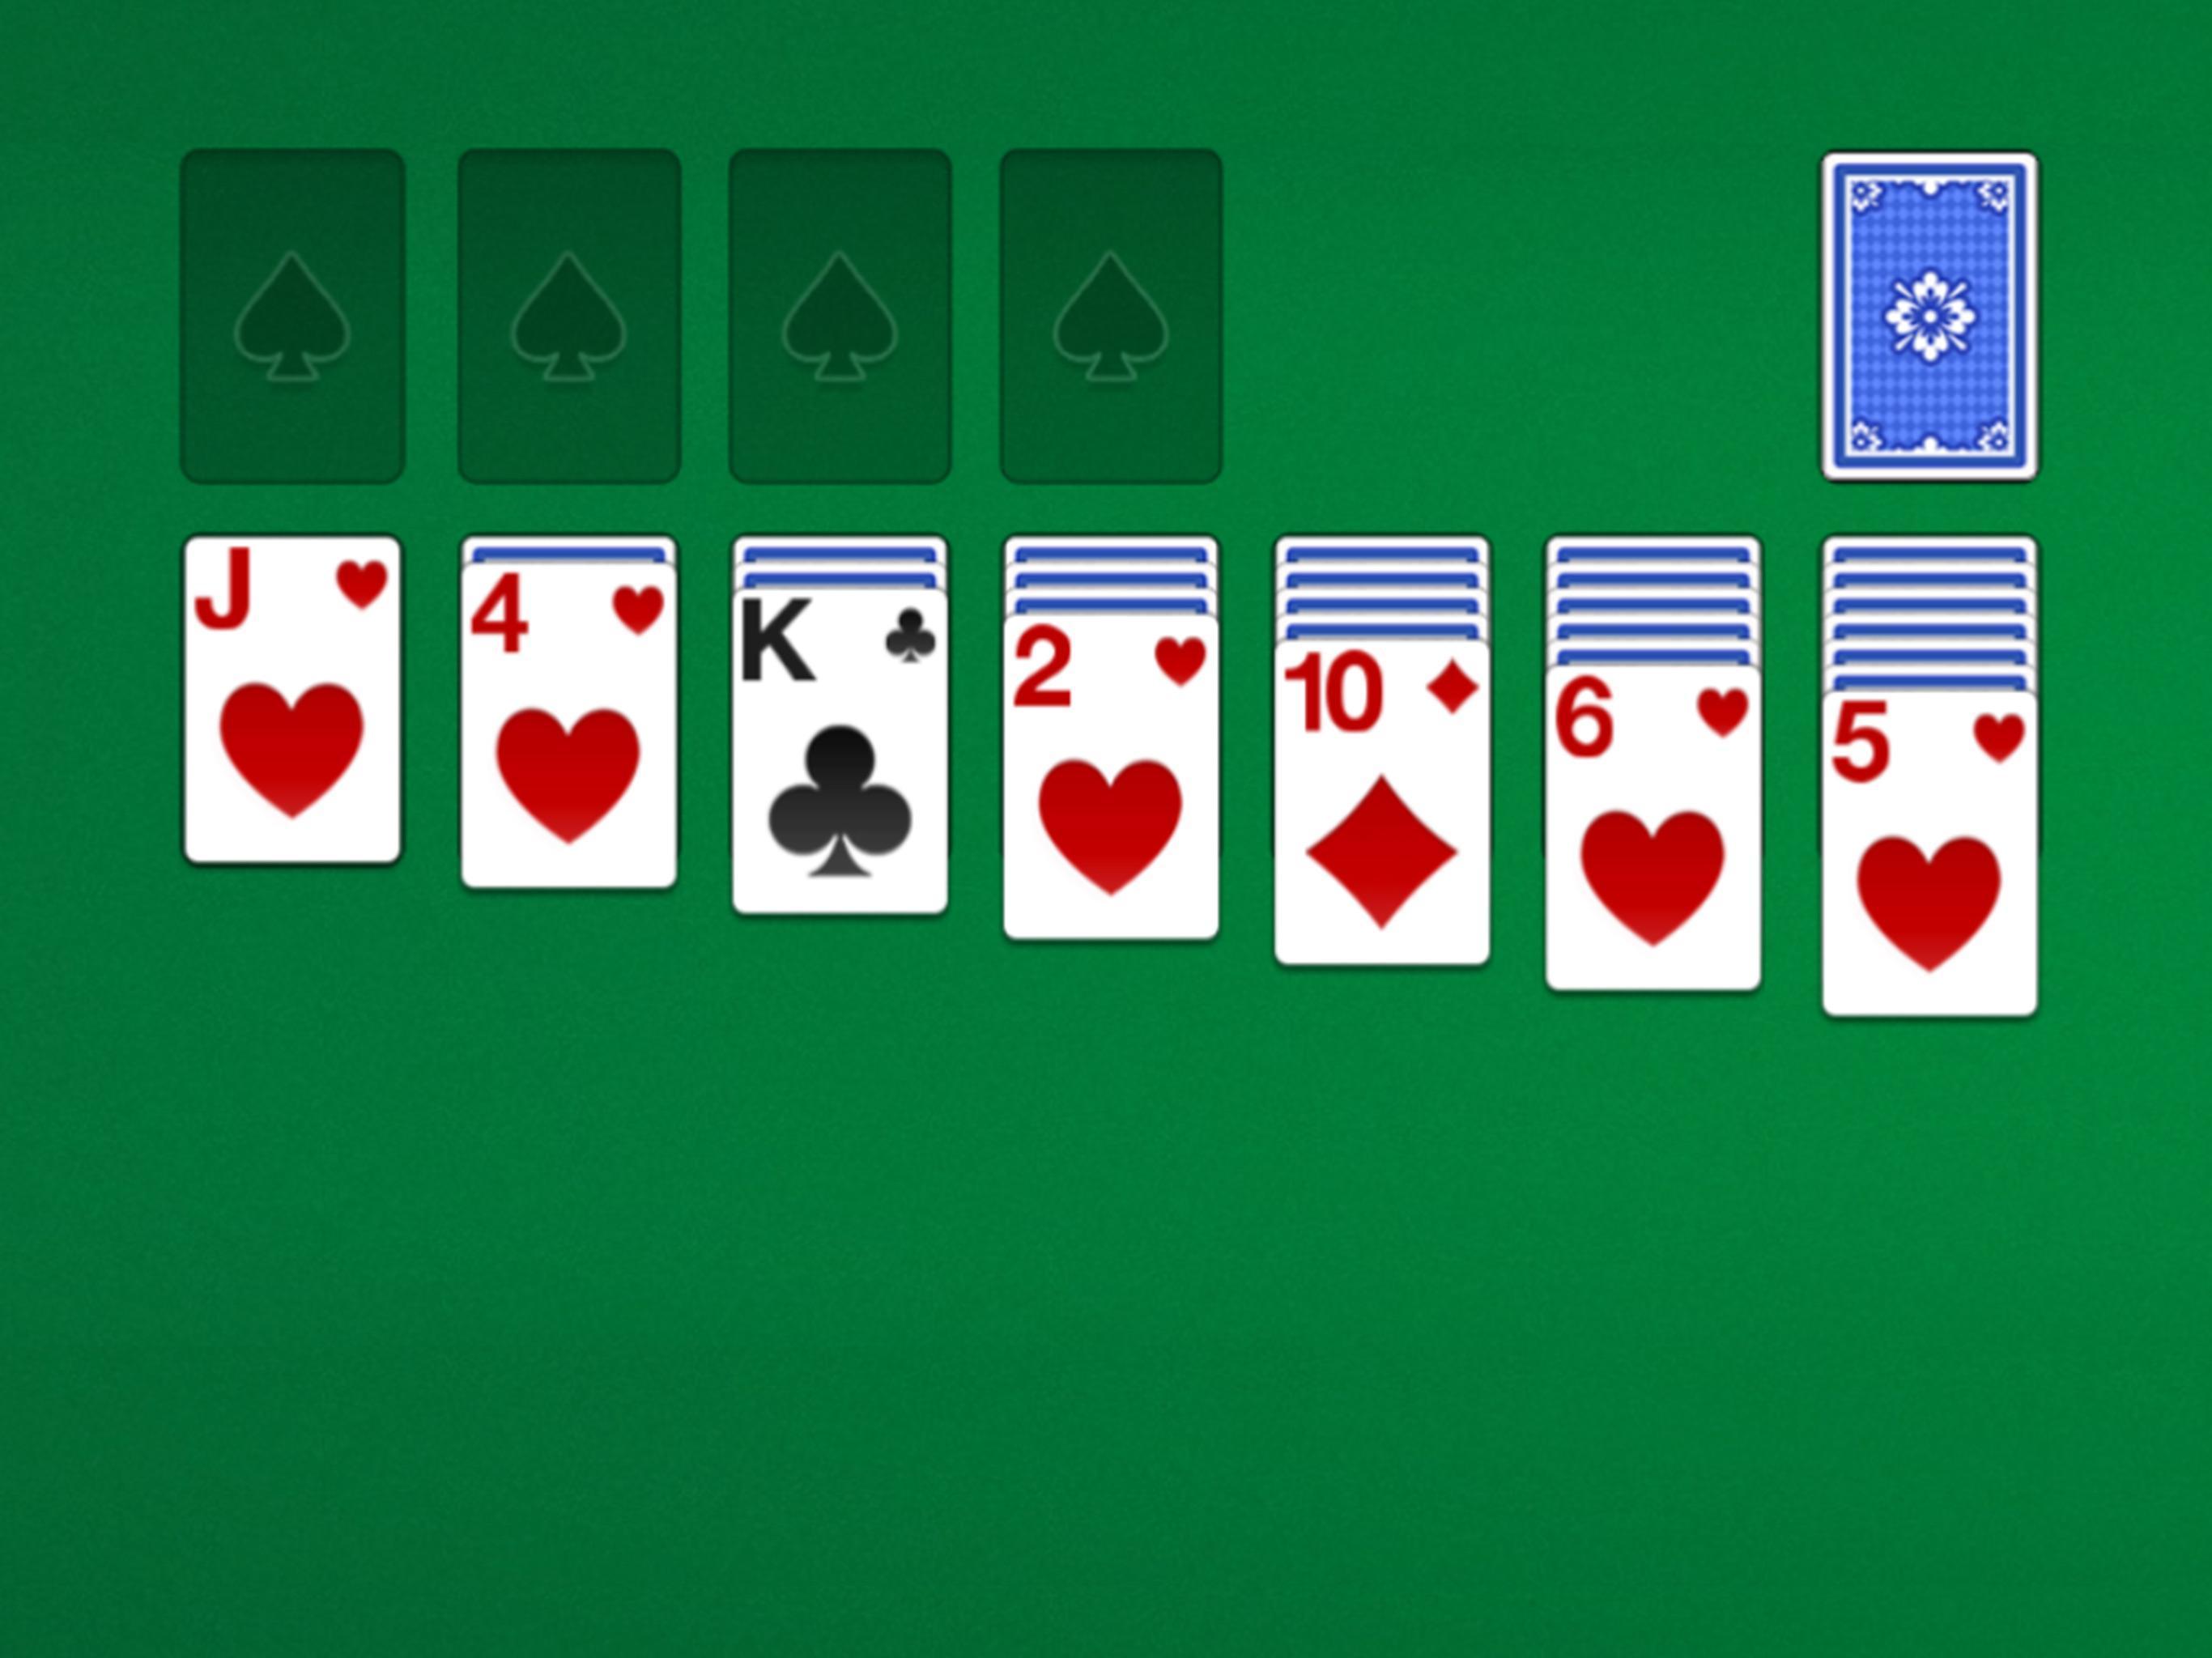 juegos para jugar con cartas de casino